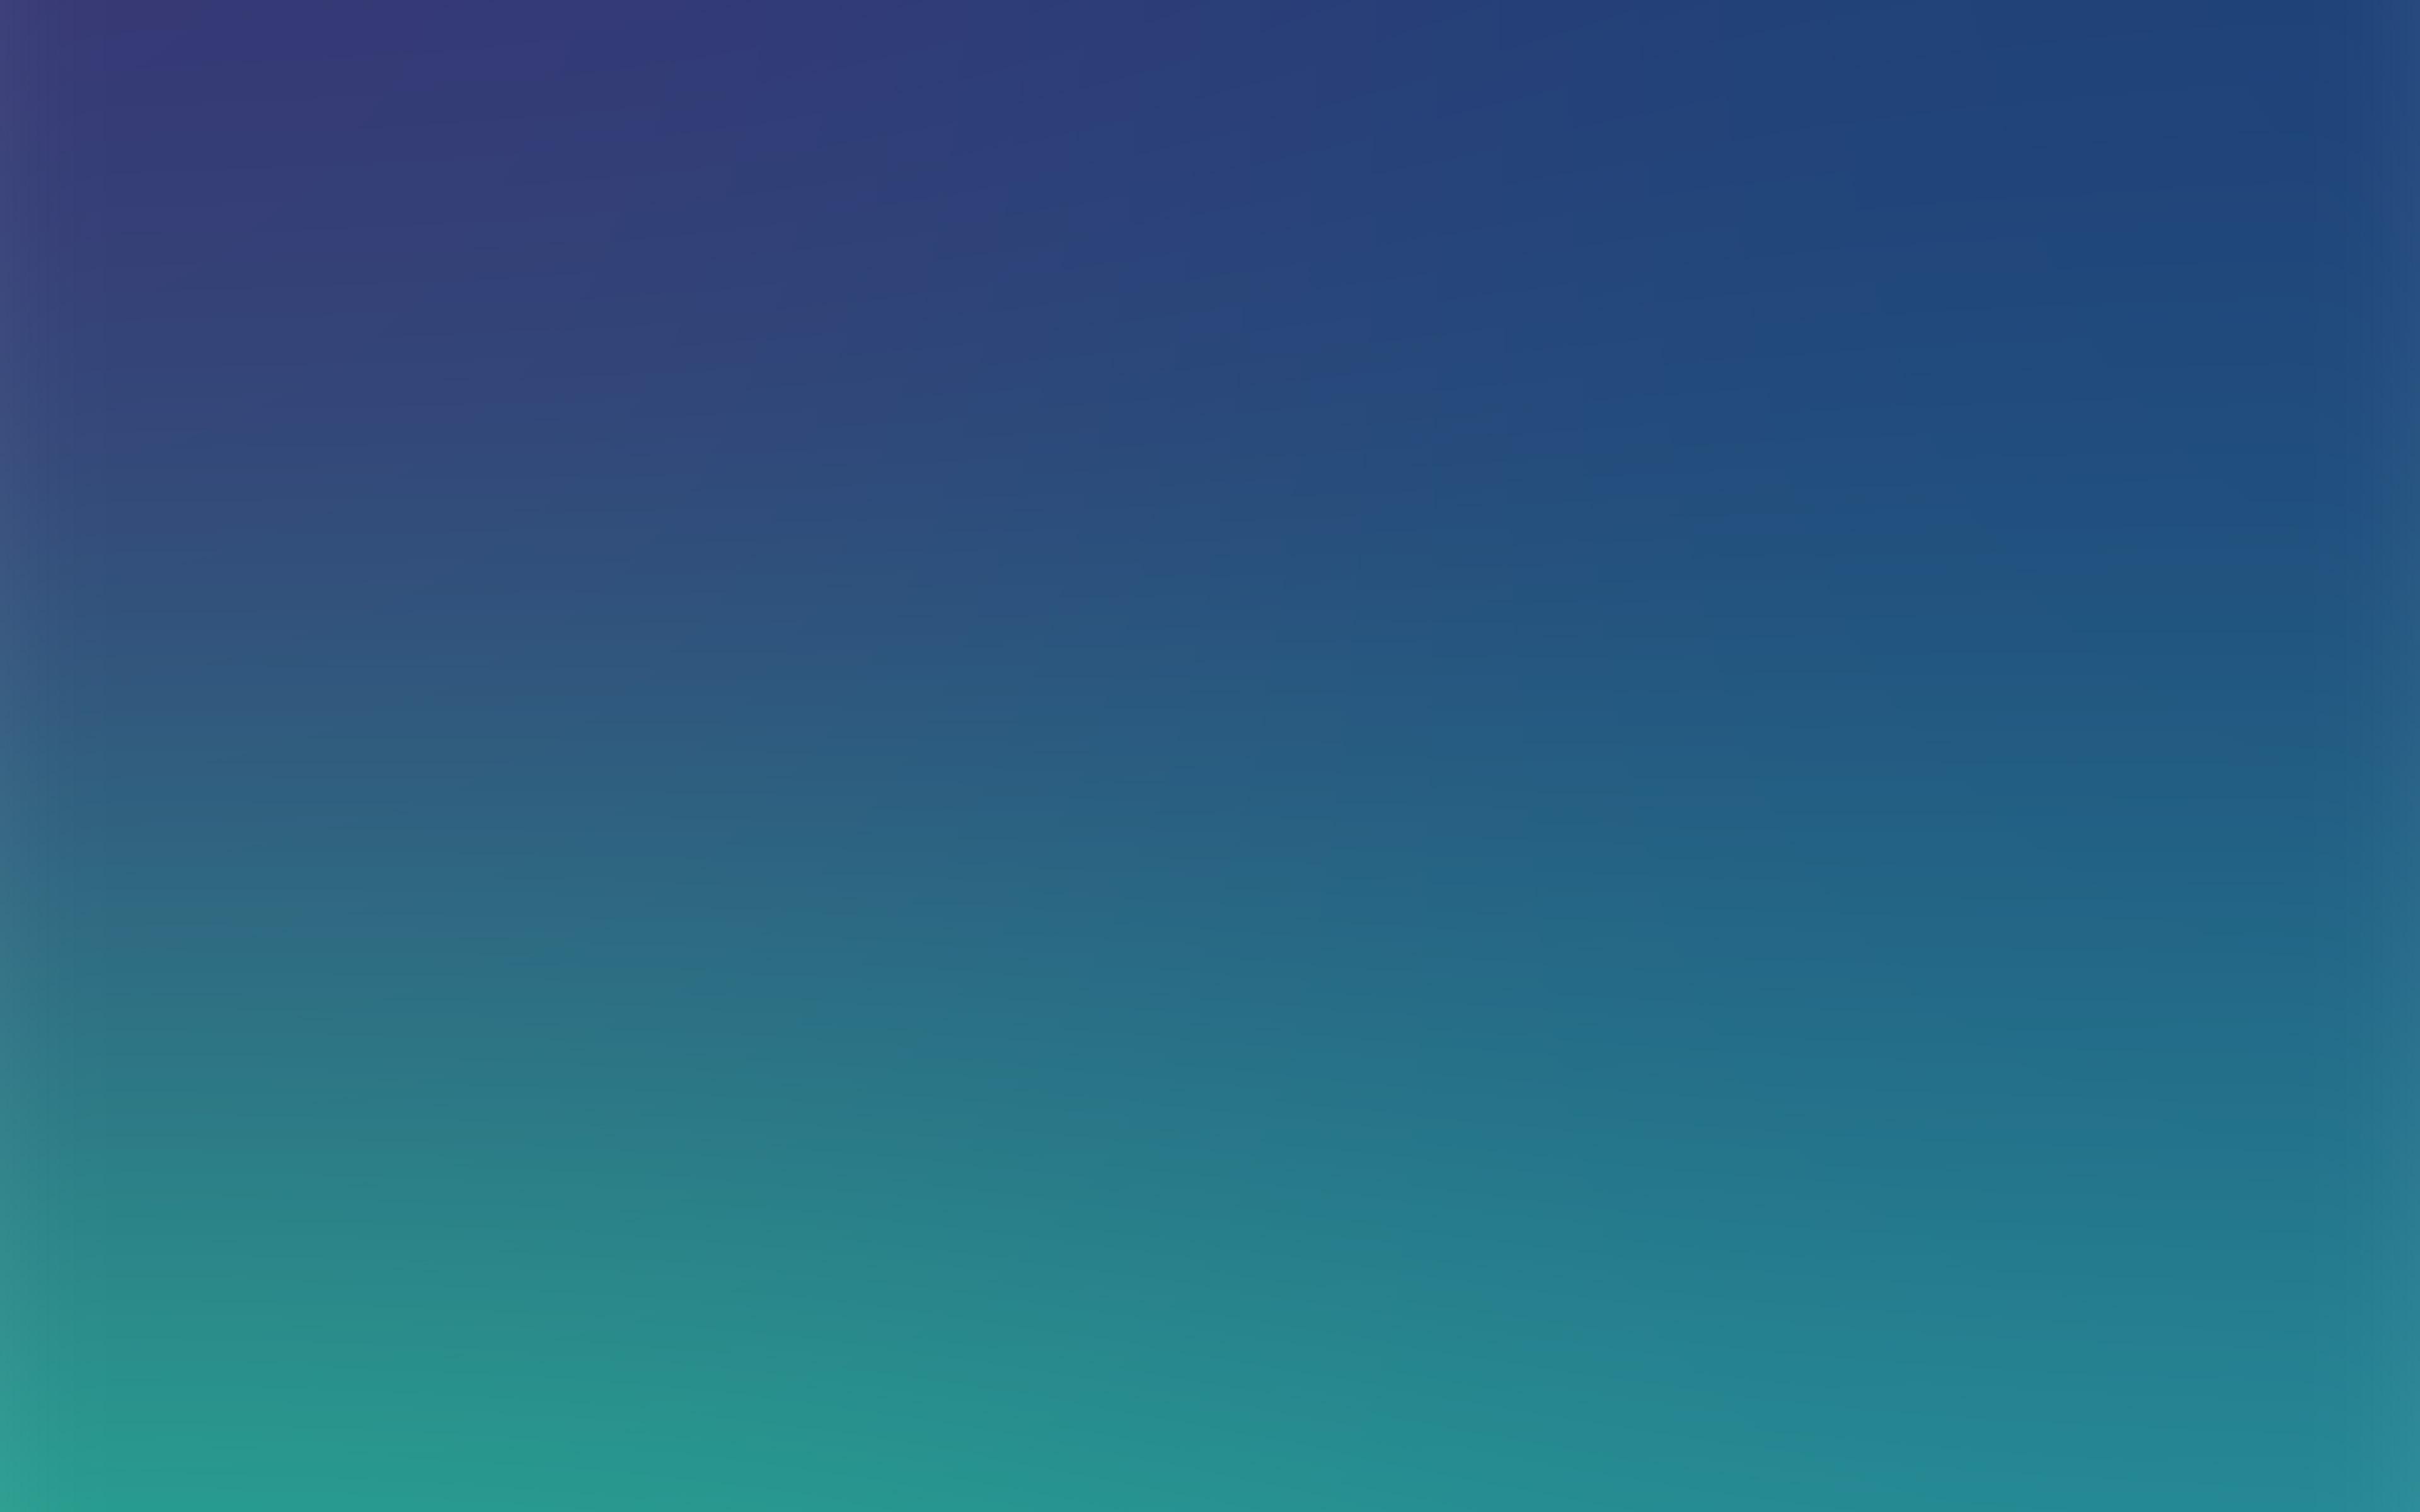 Minimal Gradient Wallpaper Iphone X Sj90 Blue Green Gradation Blur Wallpaper